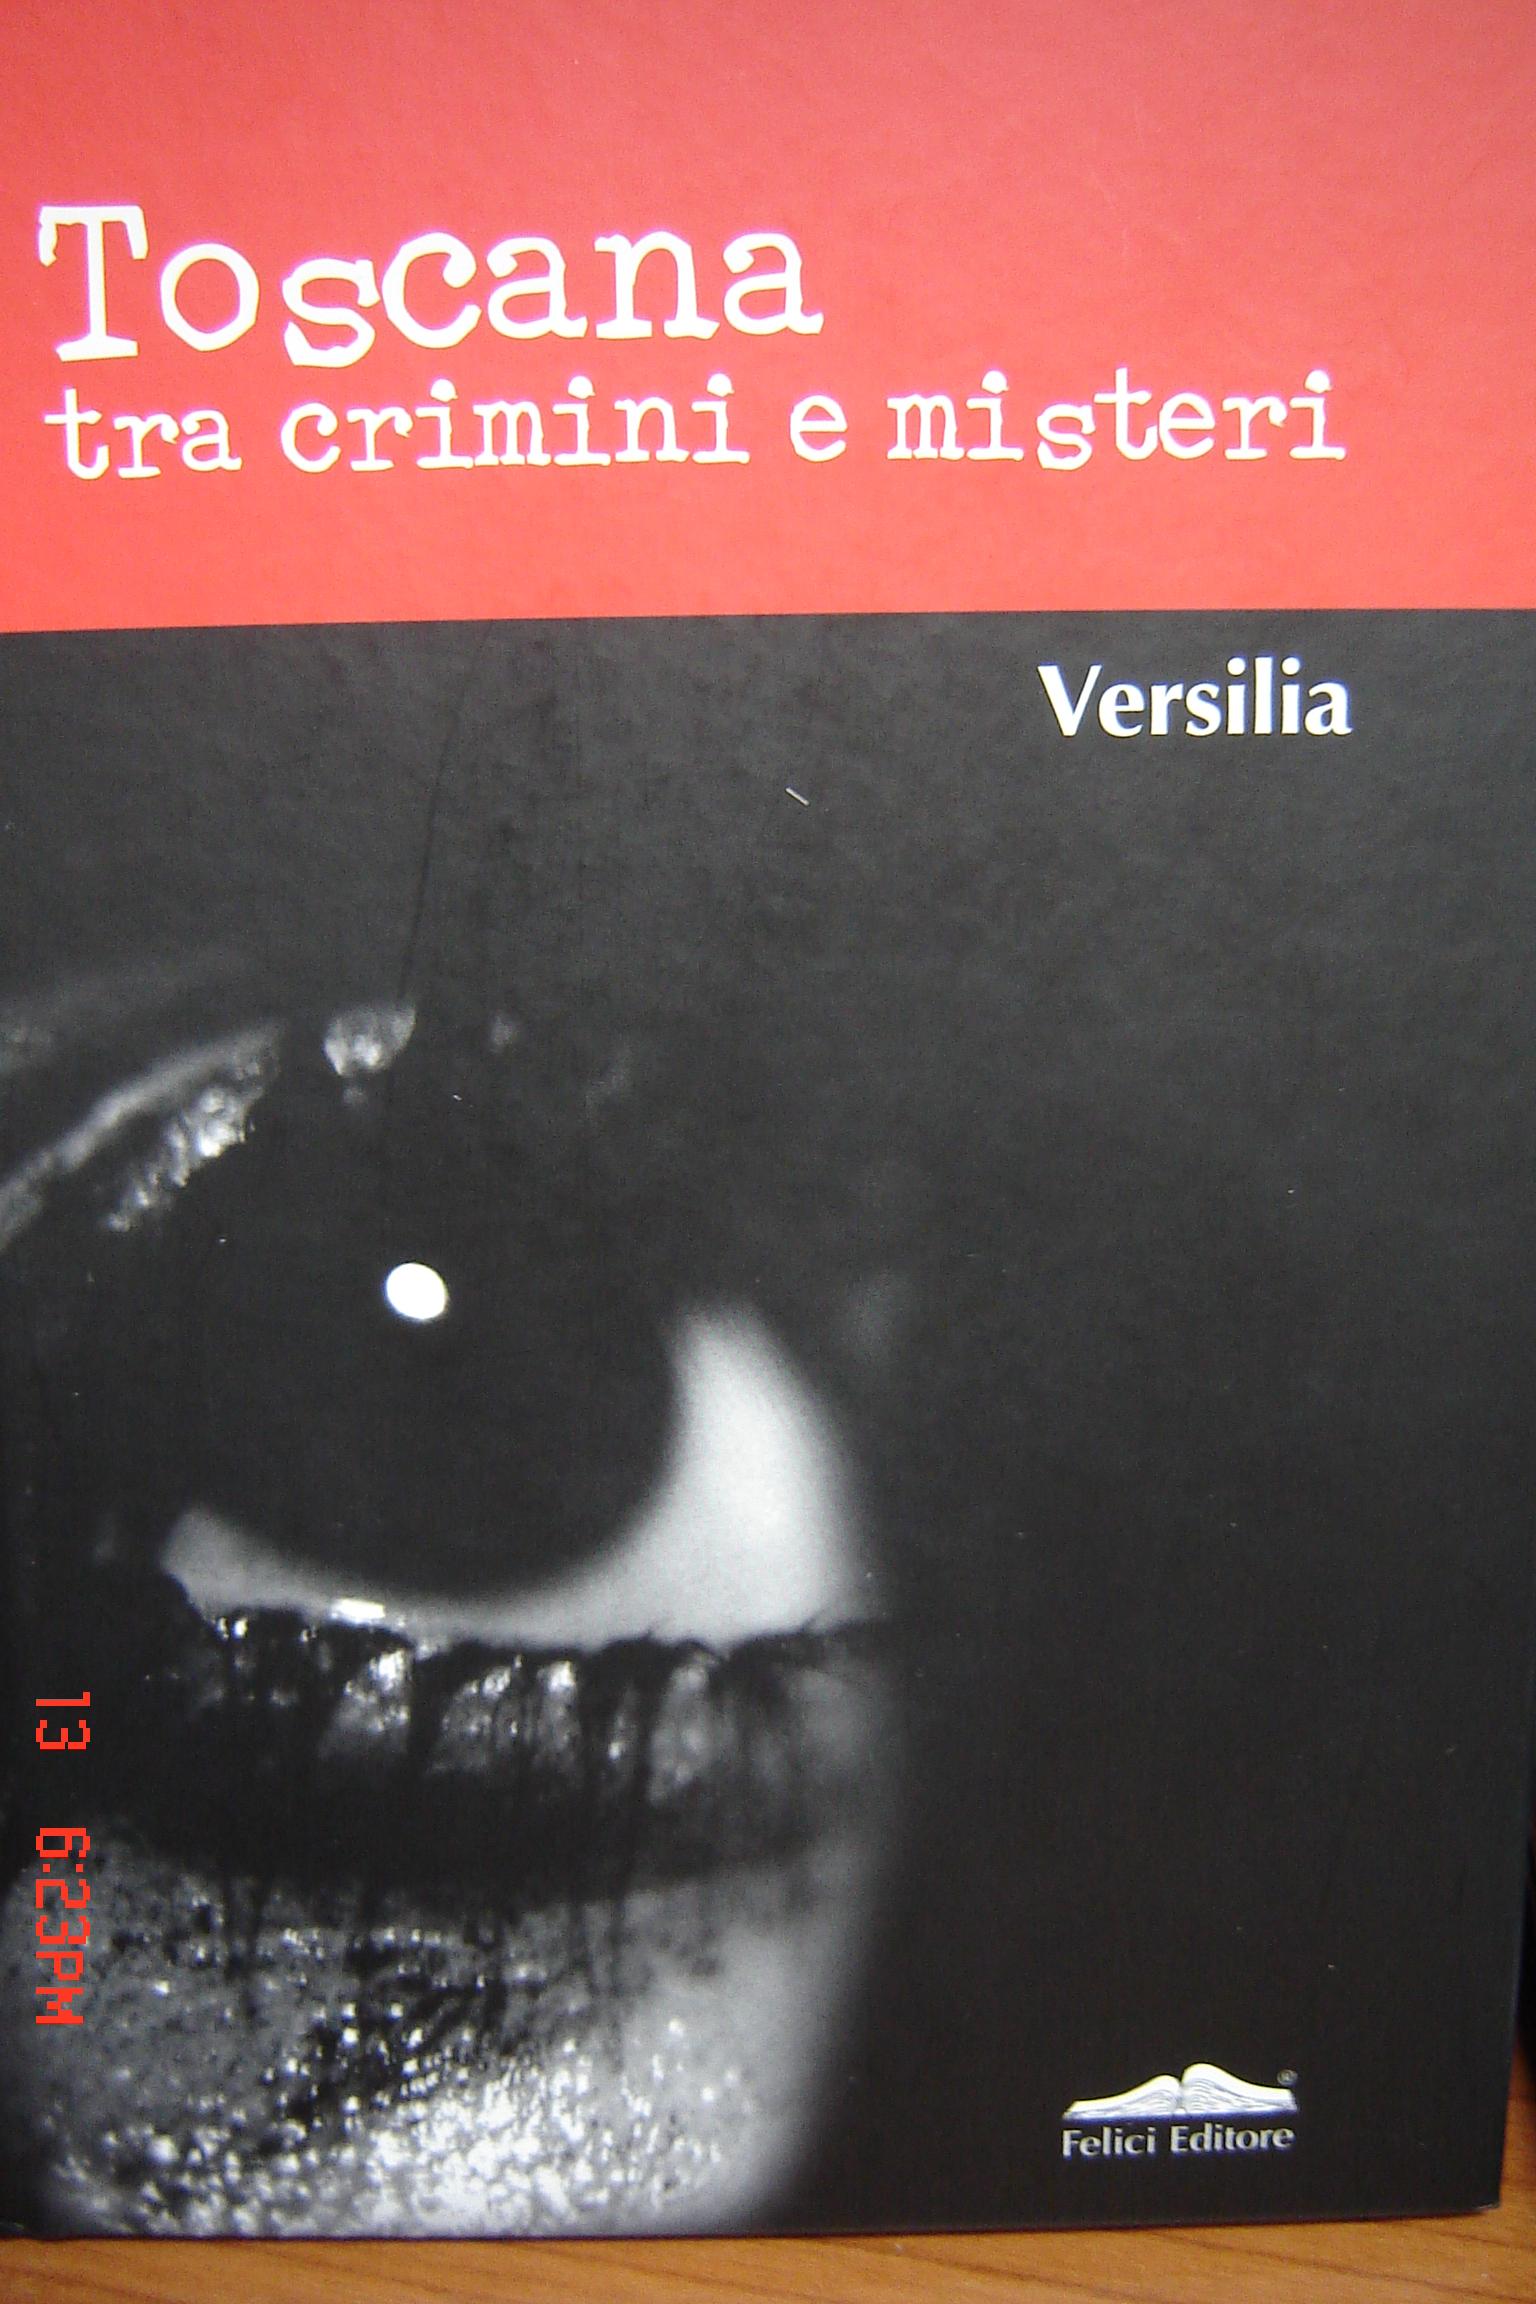 Toscana tra crimini e misteri